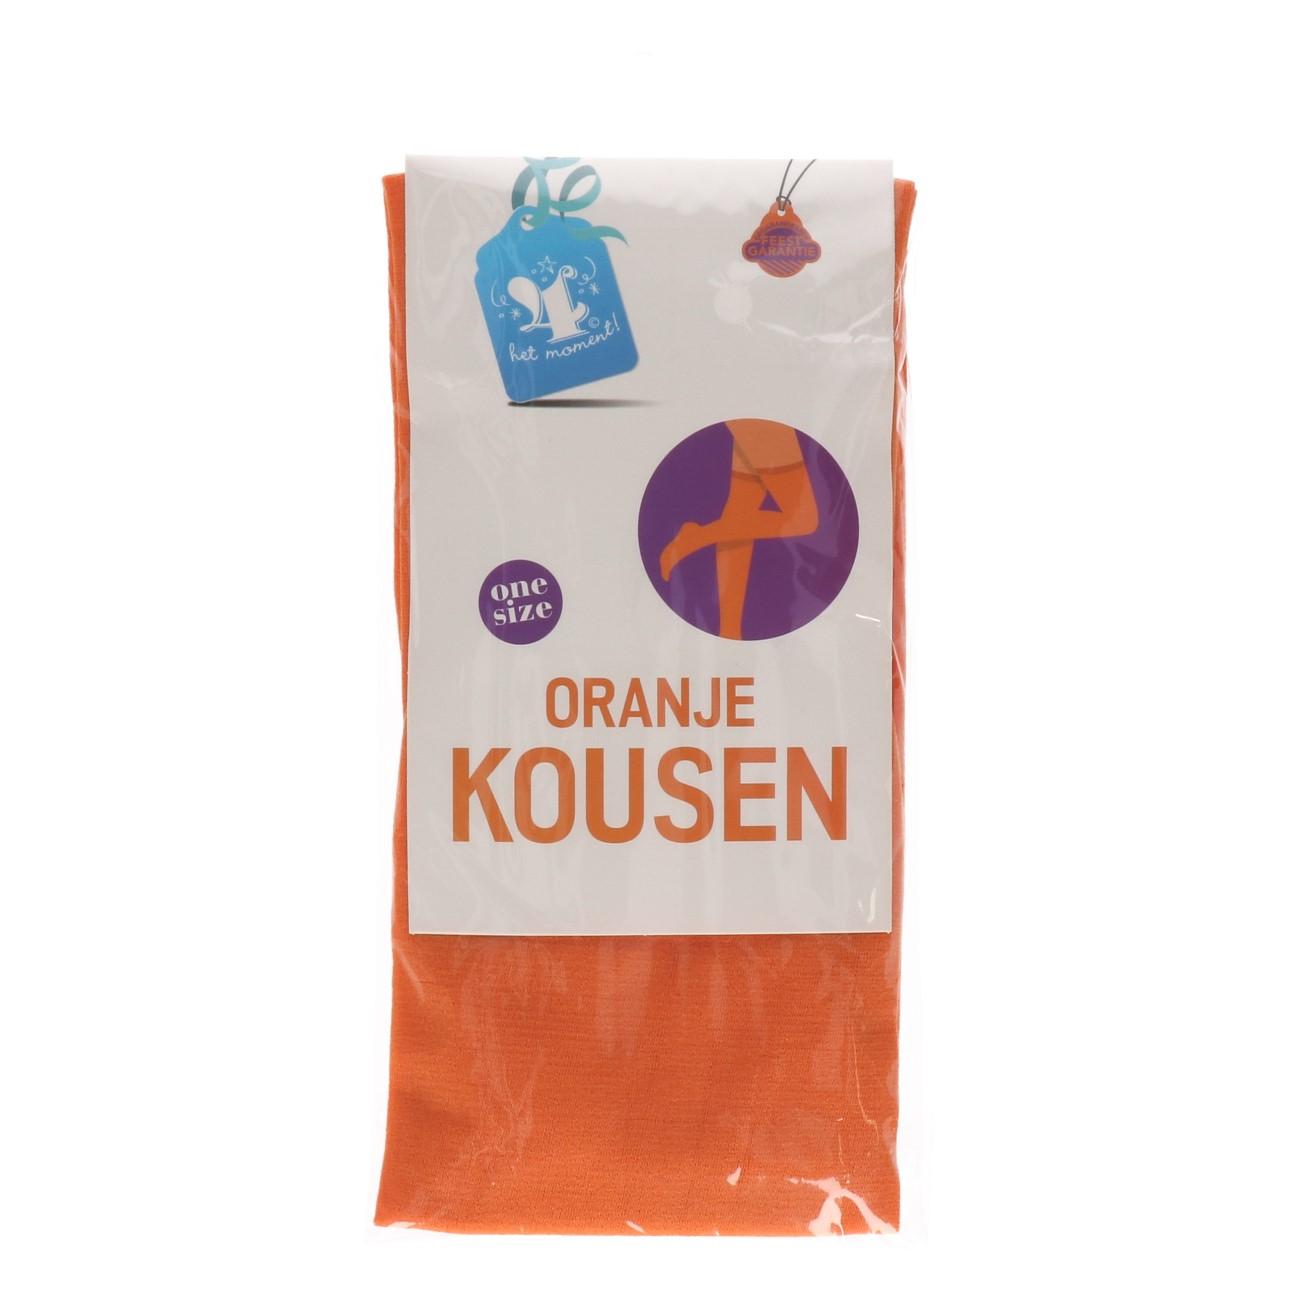 Kousen oranje one size